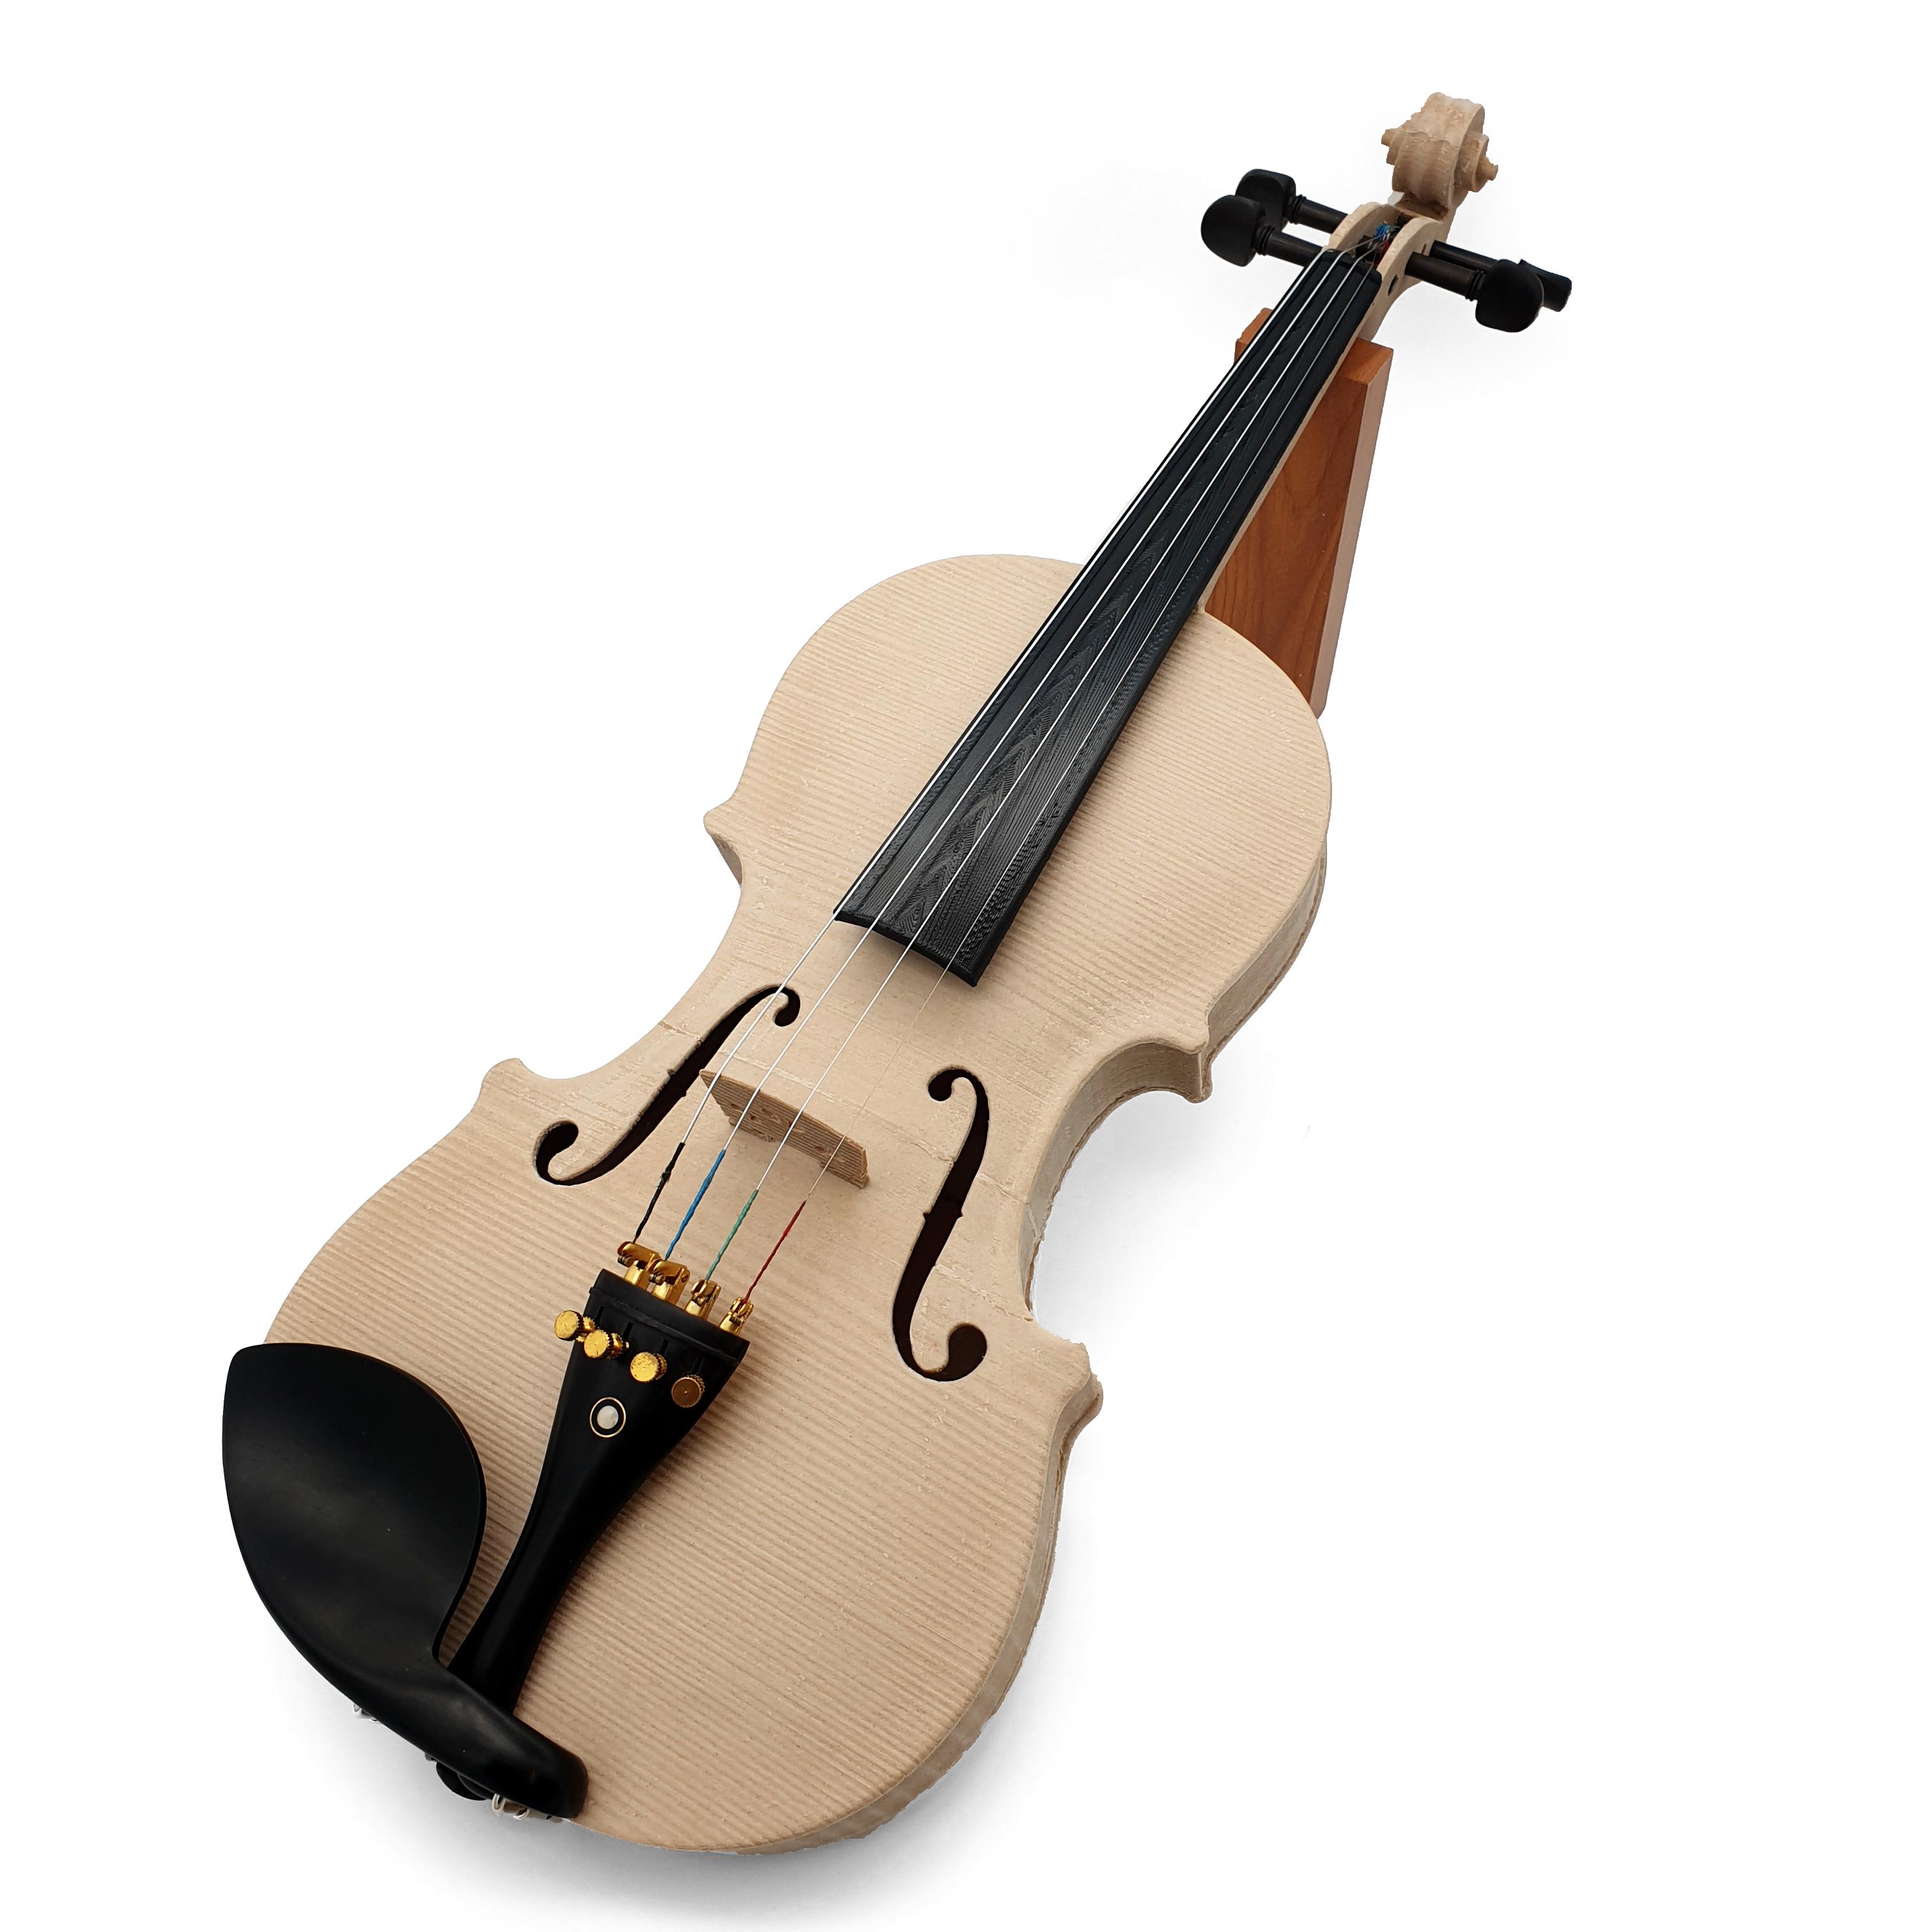 3d gedruckte Geige, 3d printed violin